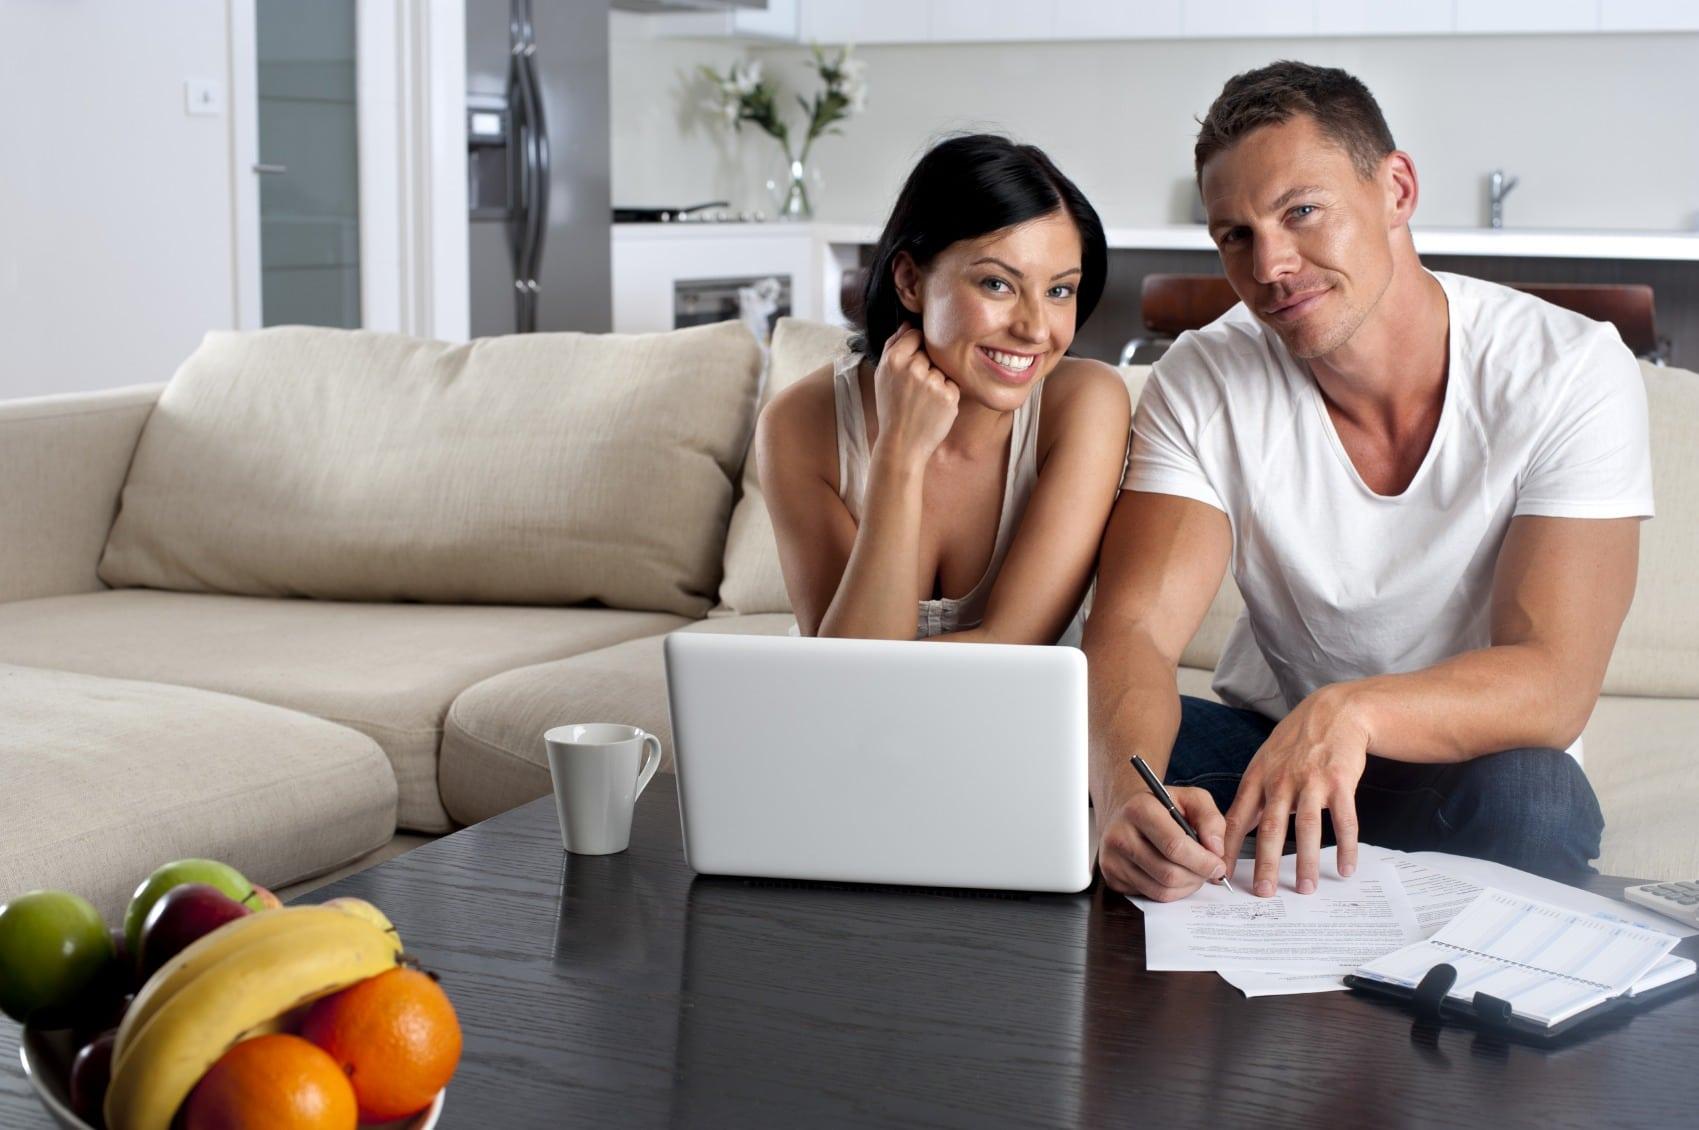 Personal-loan-repayment